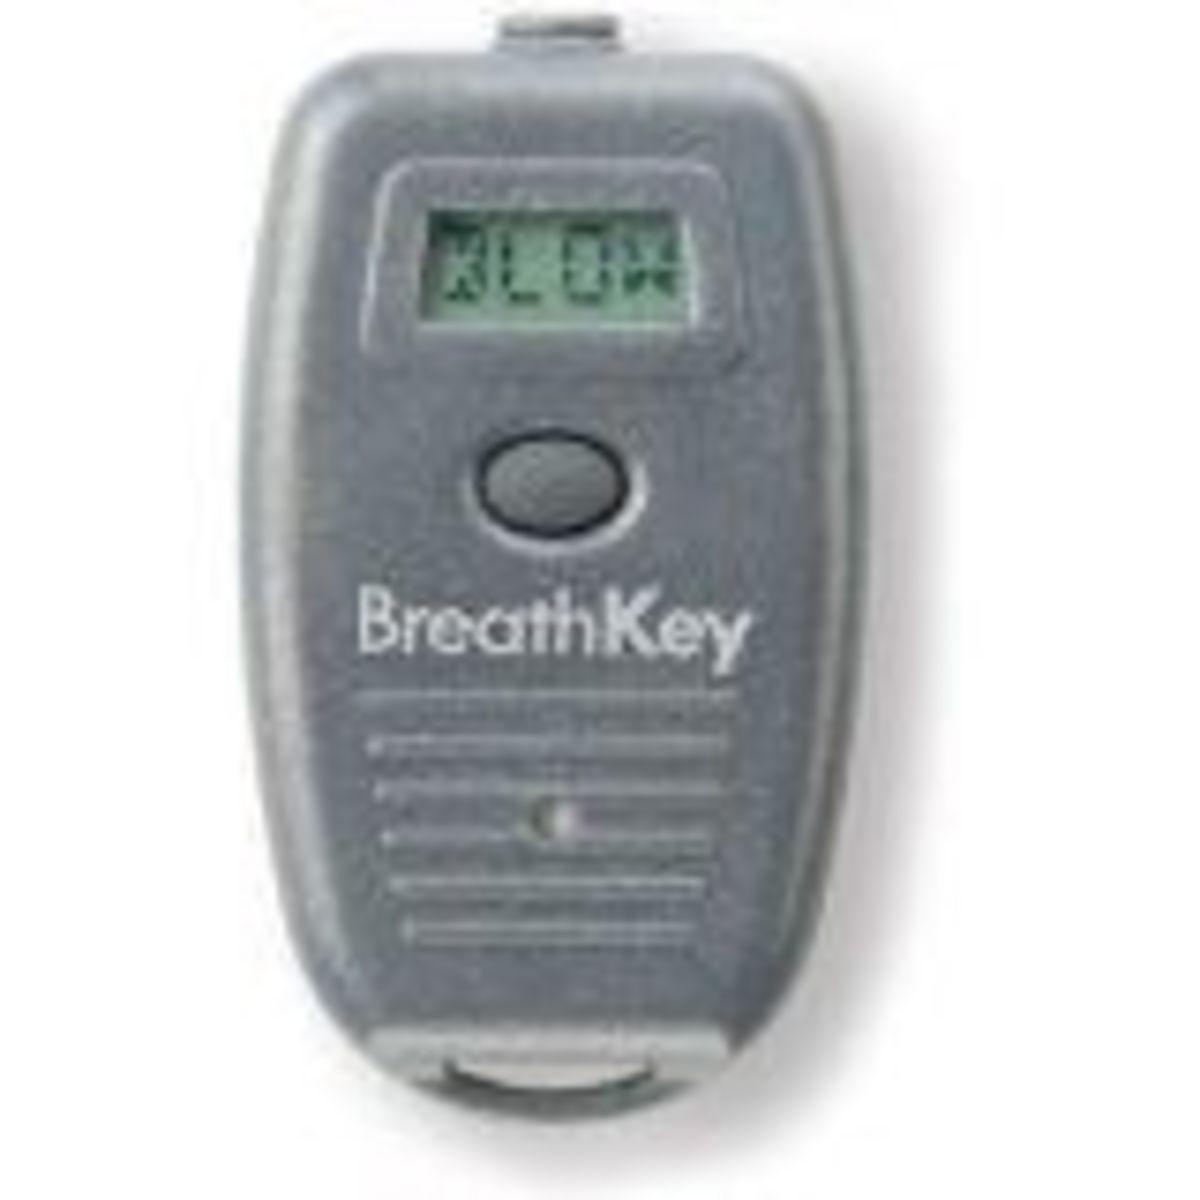 BreathKey Breathalyzer